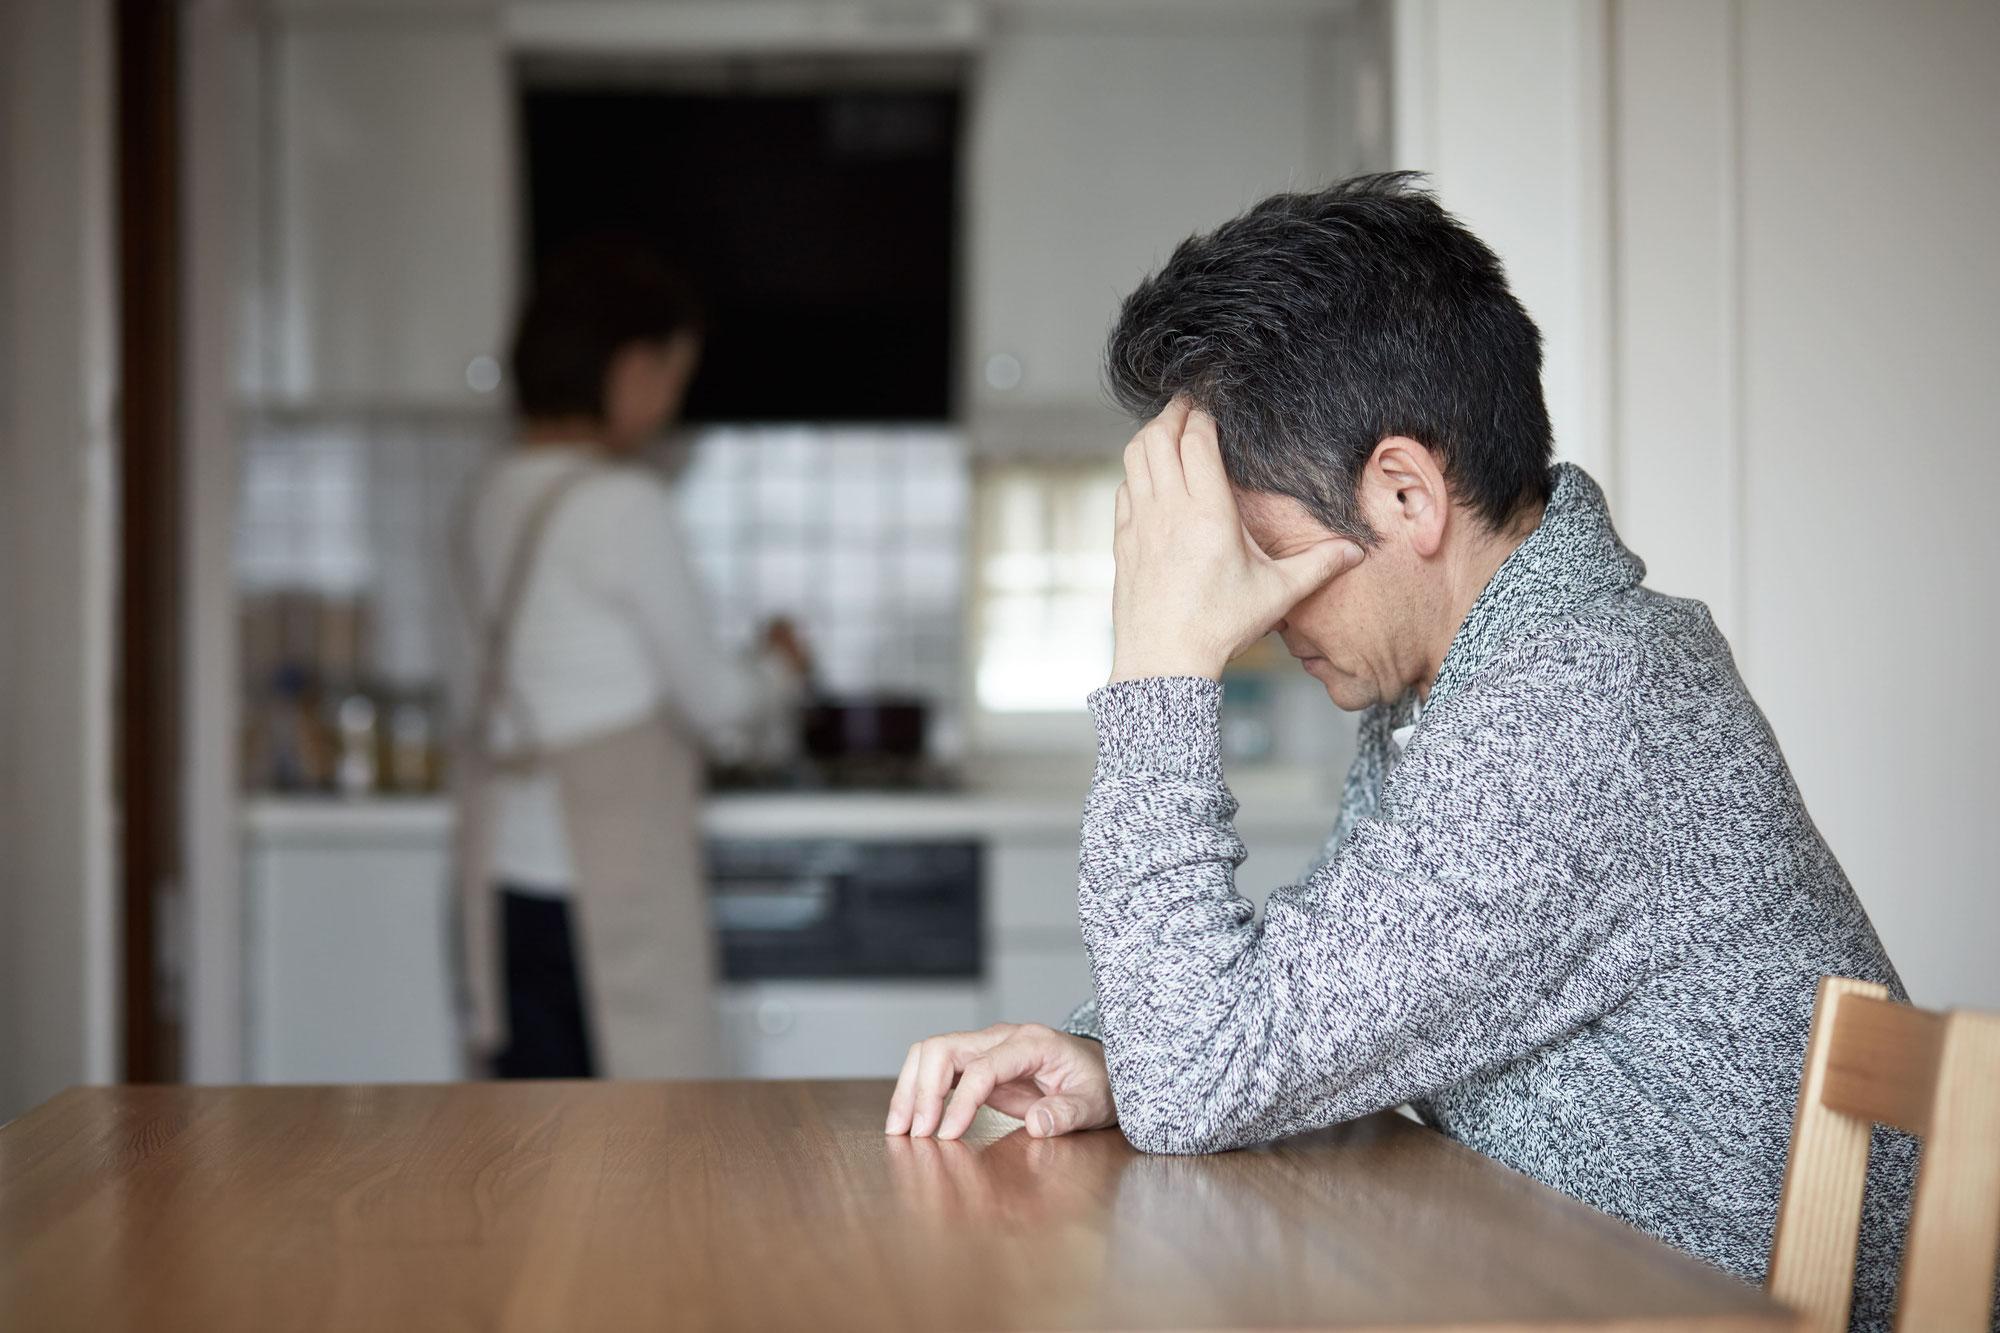 パワハラで休職した人がなかなか復職できない理由は、「職場に安全を感じていないから」